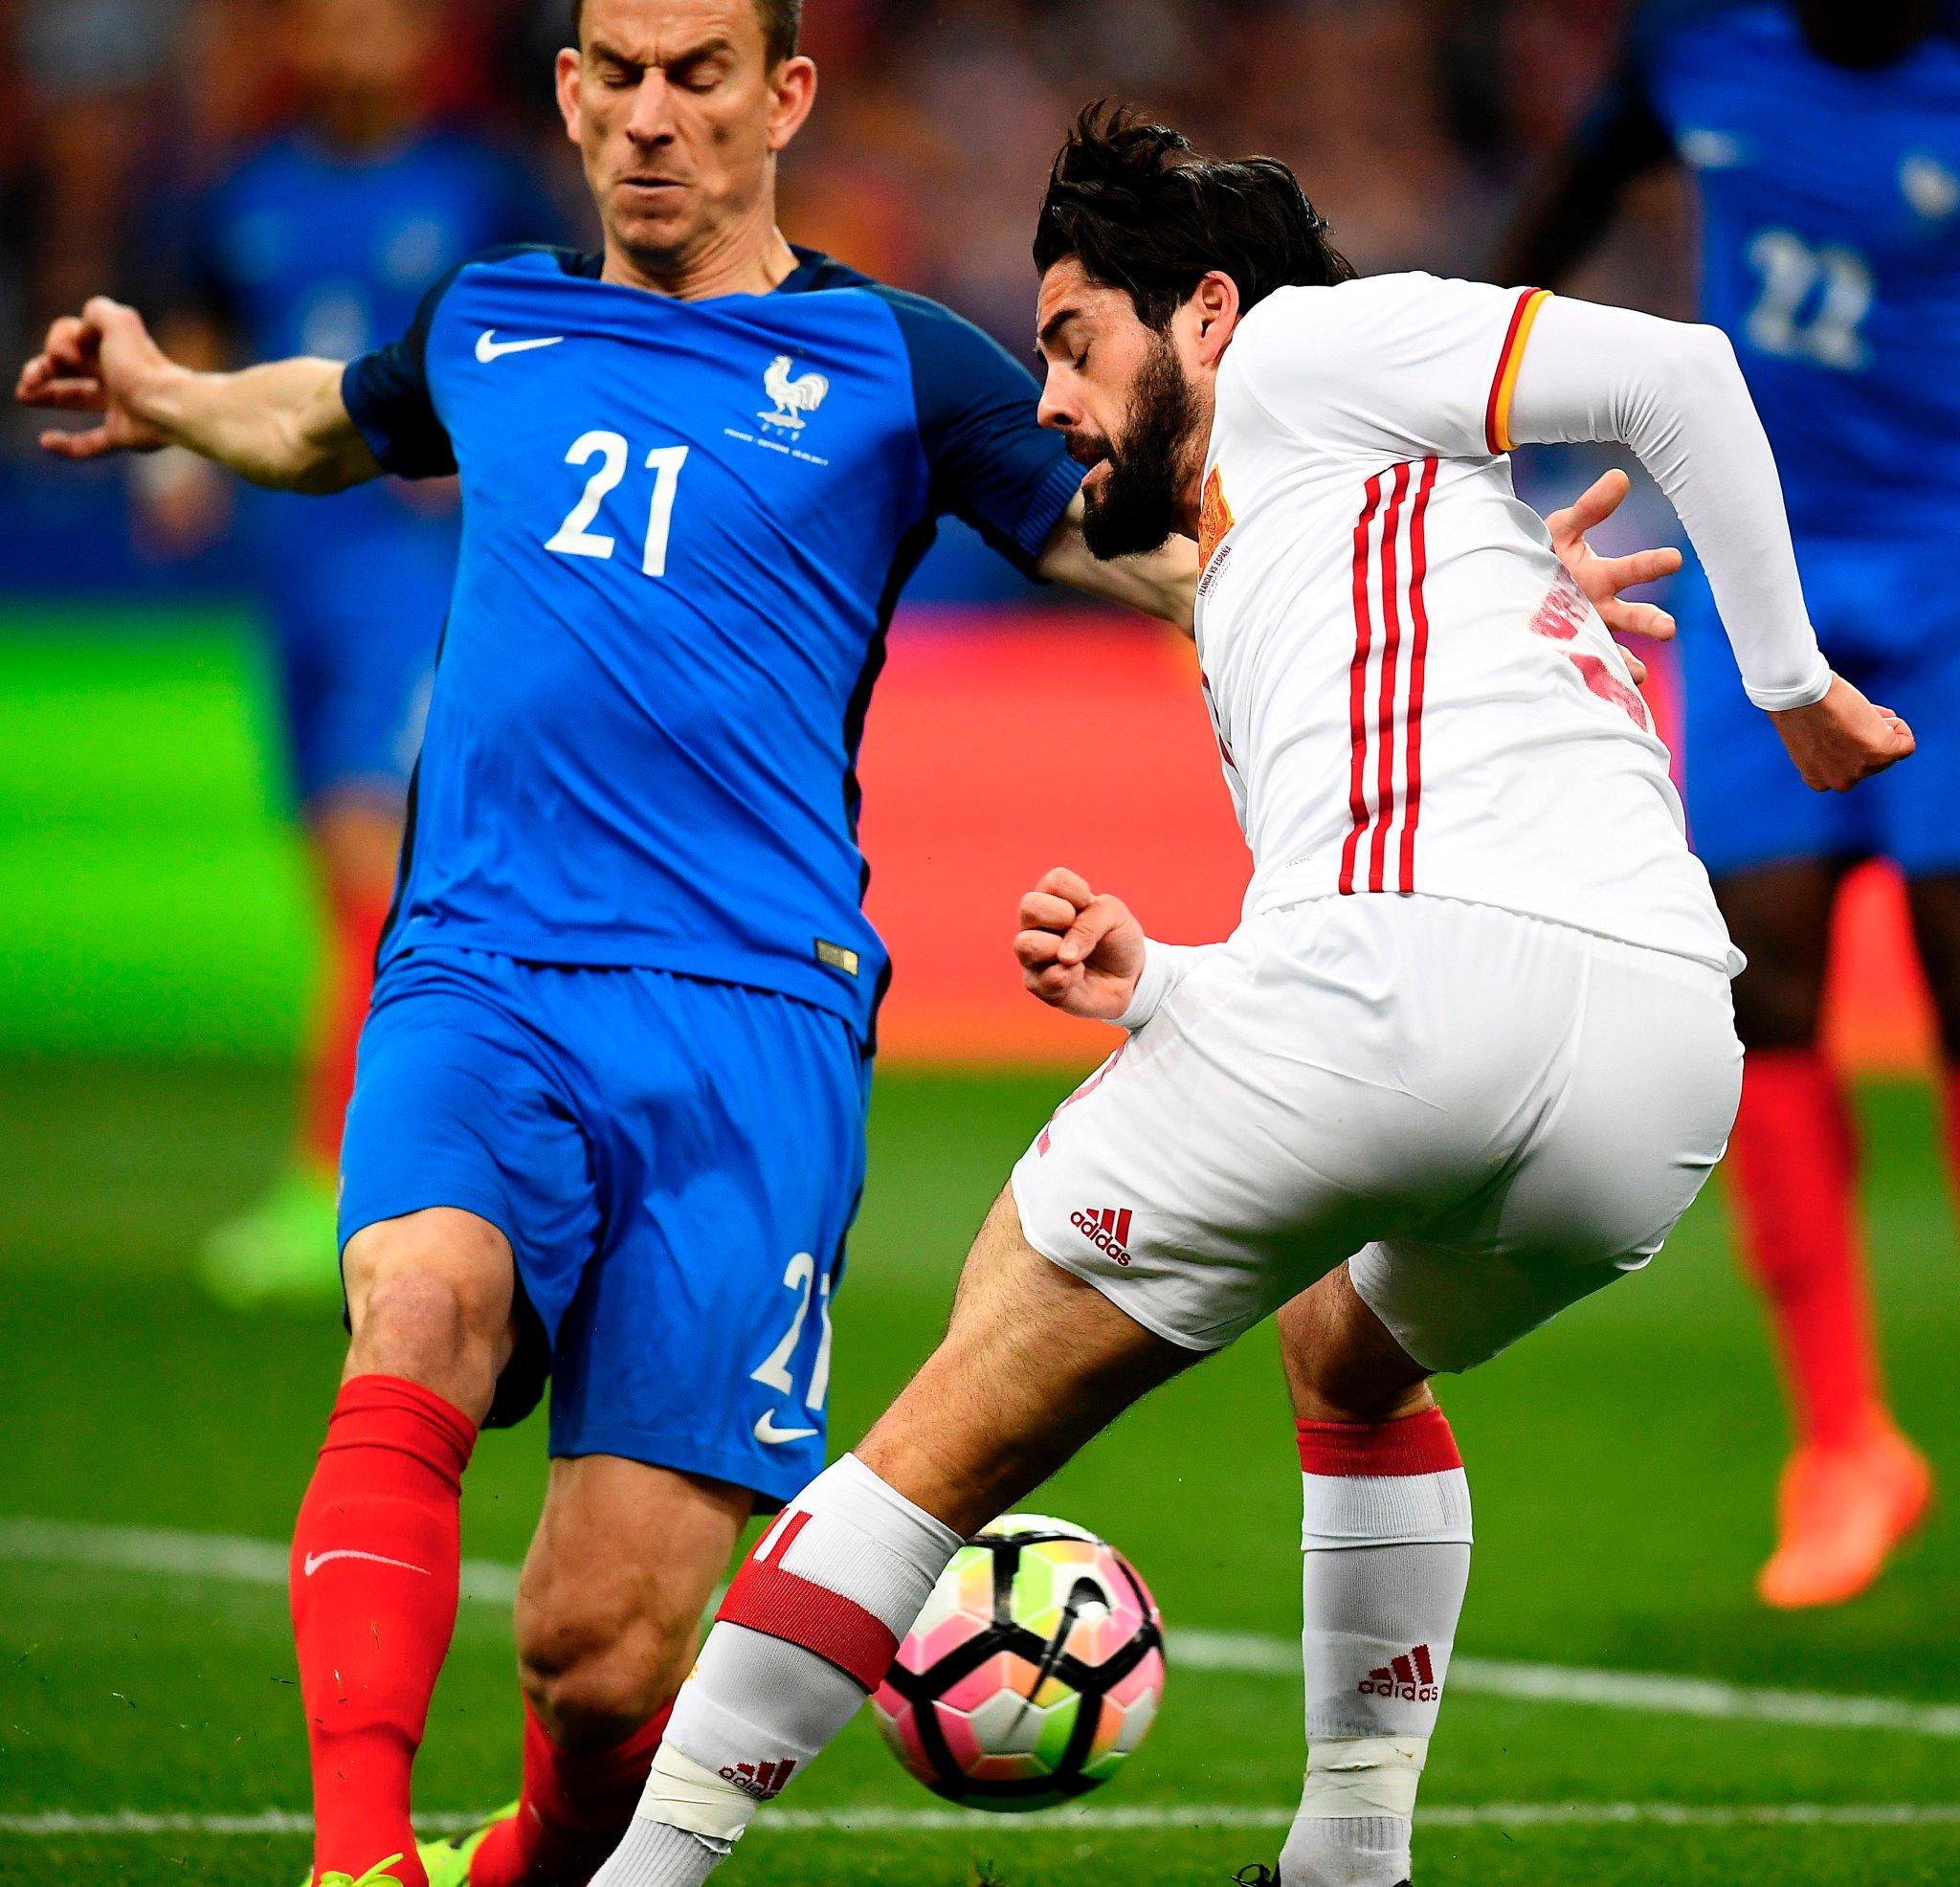 الحكم يحتب هدف للاسبانيا في مرمى فرنسا بعد العودة للاعادة التلفزيونية